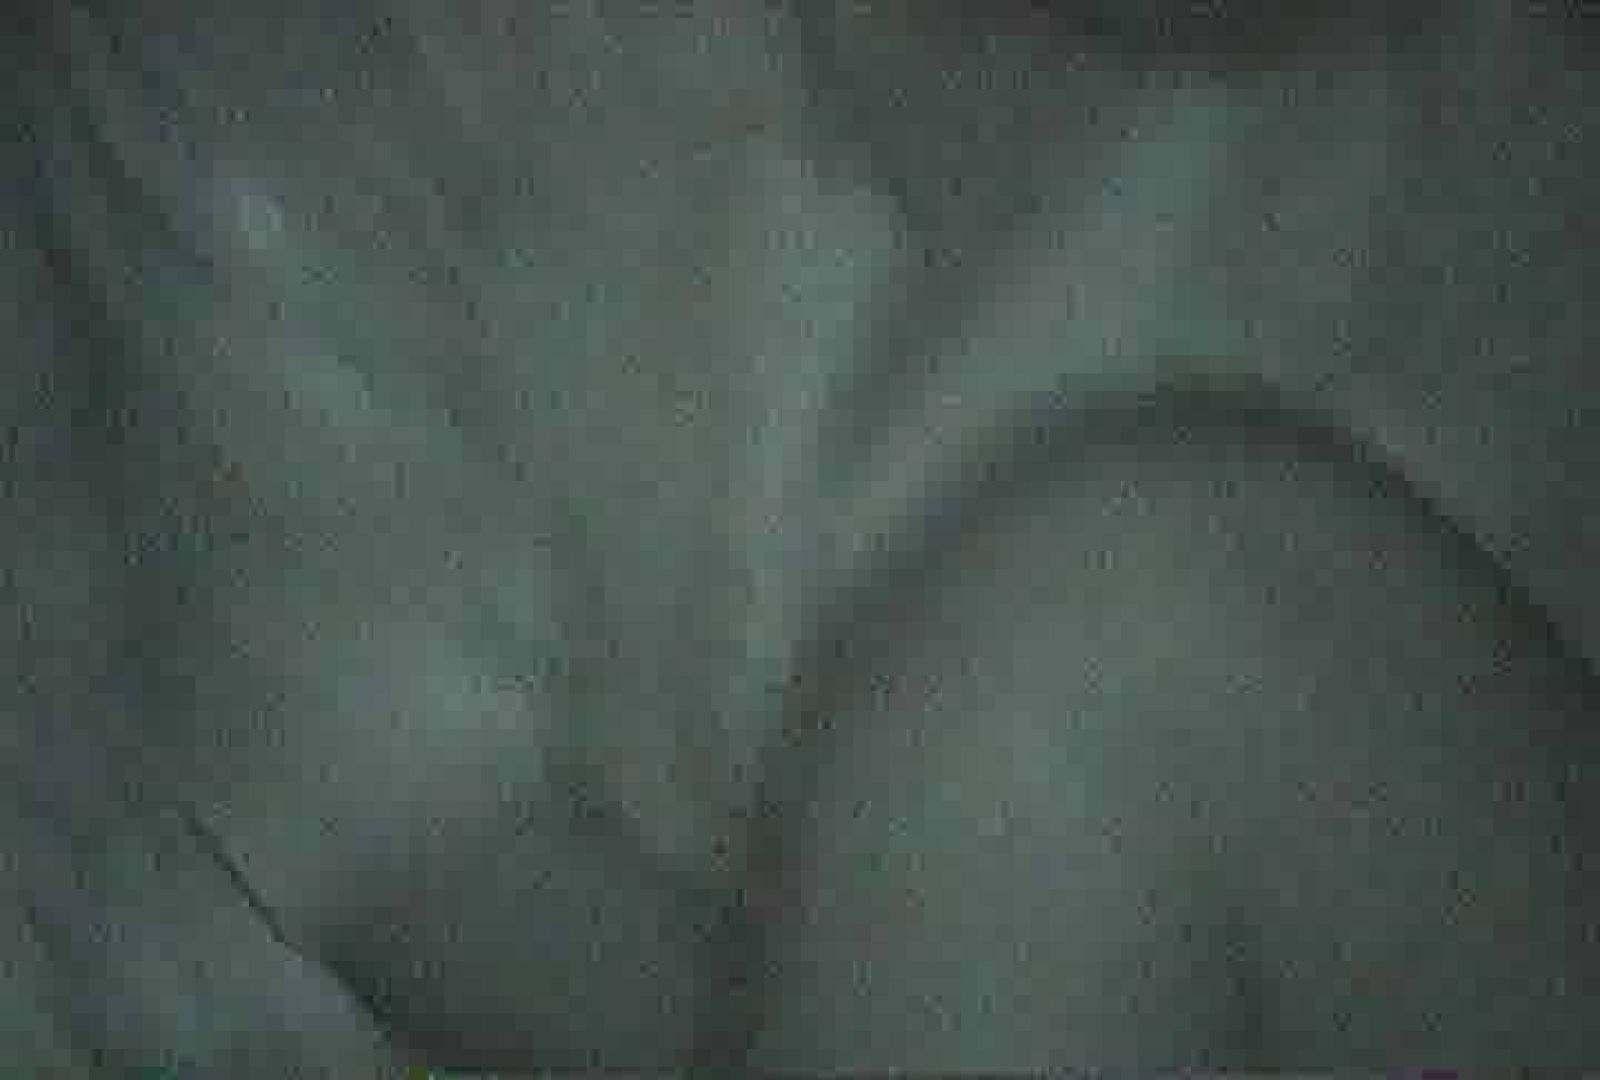 充血監督の深夜の運動会Vol.56 OLすけべ画像 | 卑猥  16連発 16